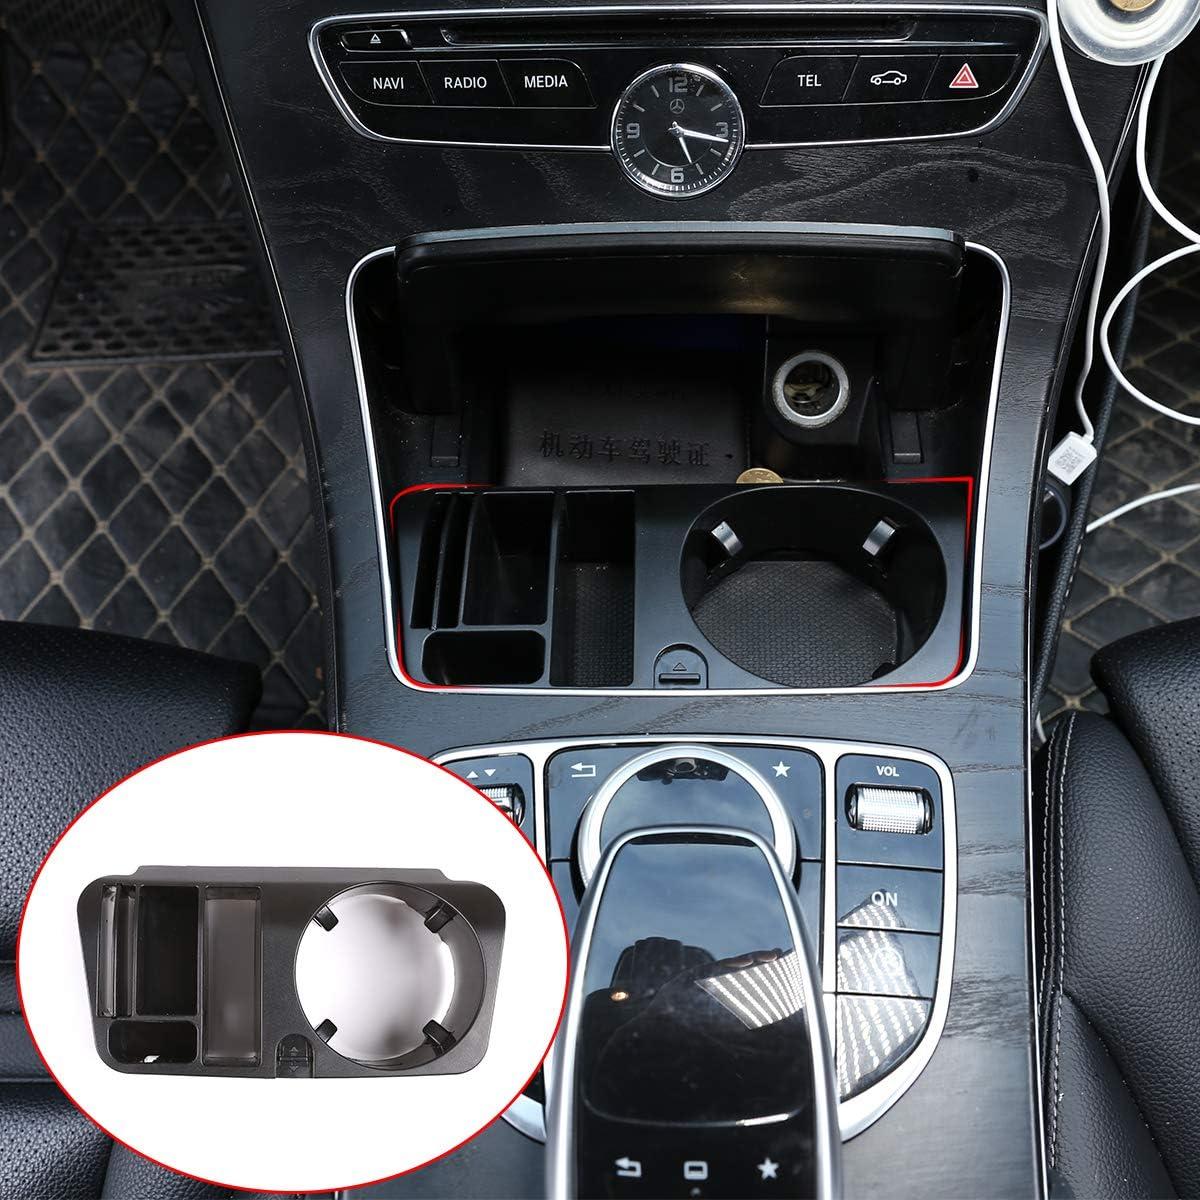 Kunststoff Mittelkonsole Armlehnen Aufbewahrungsbox Becherhalter Für Benz E C Glc Klasse W213 X253 W205 2015 2020 Auto